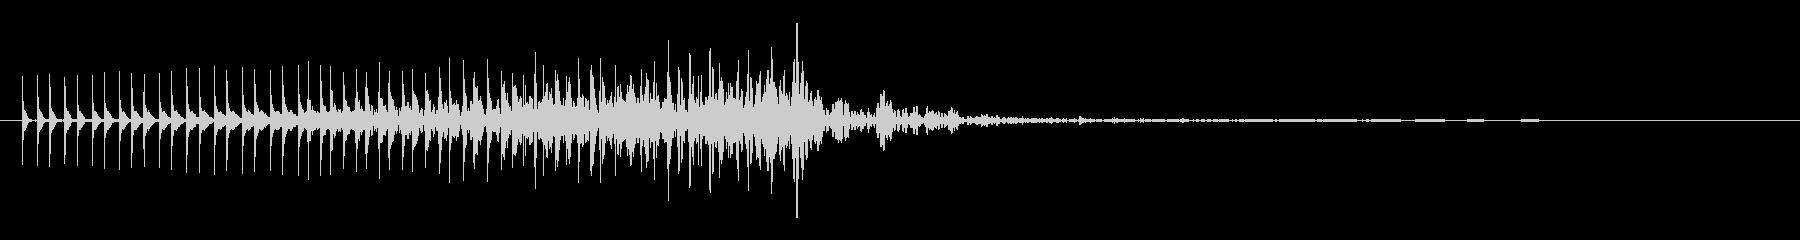 「ピロロロロン」というSFチックな効果音の未再生の波形